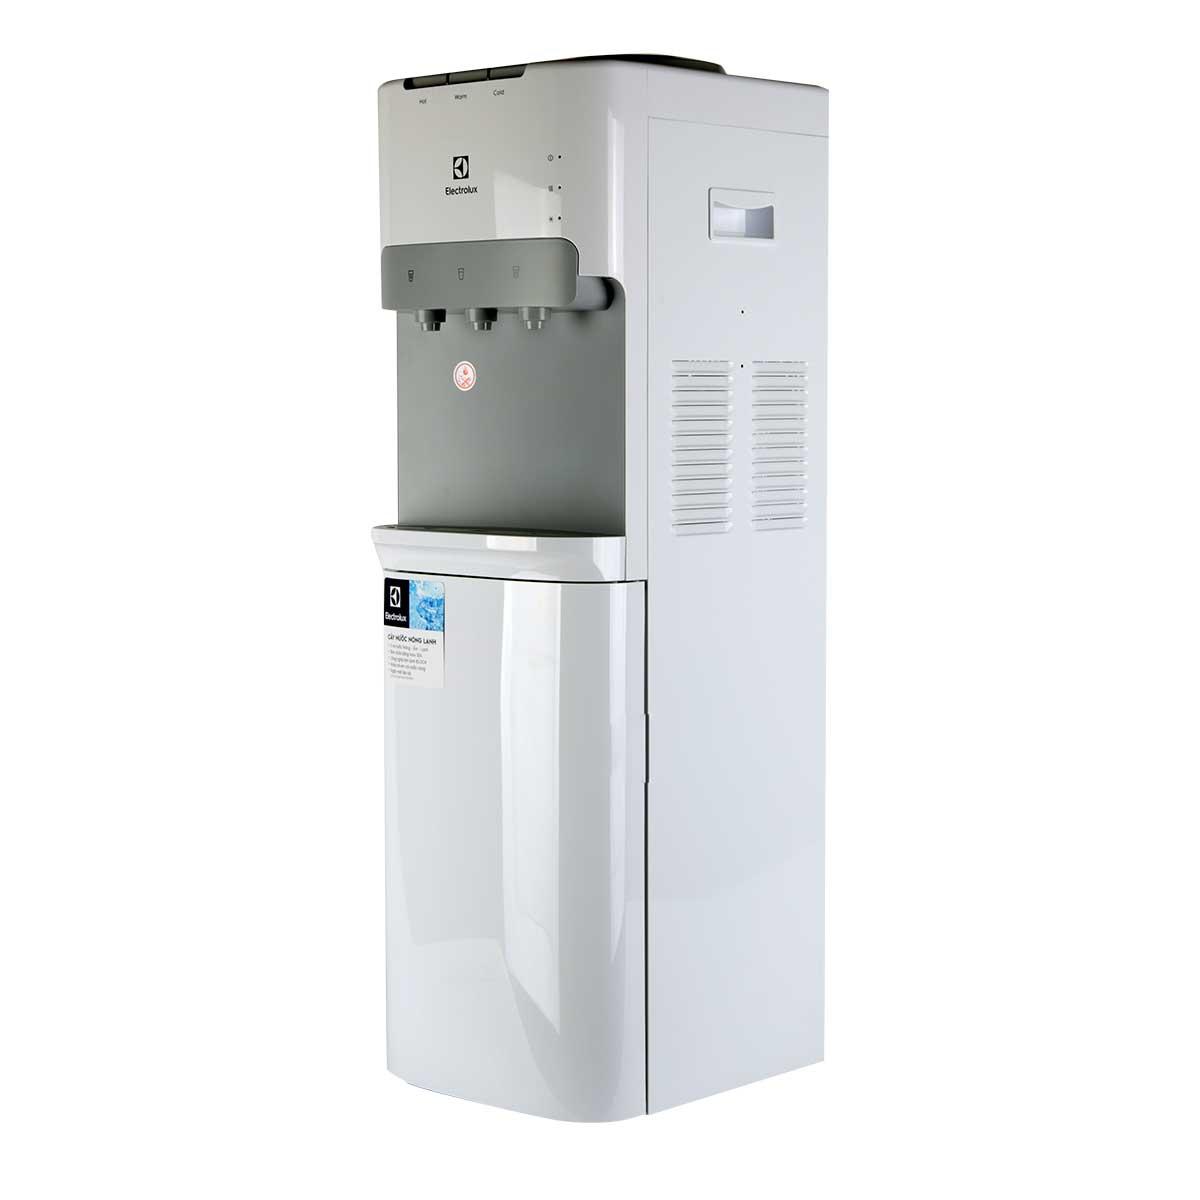 Sản phẩm được trang bị 3 vòi cung cấp nước linh hoạt: nước nóng, nước lạnh và nước bình thường